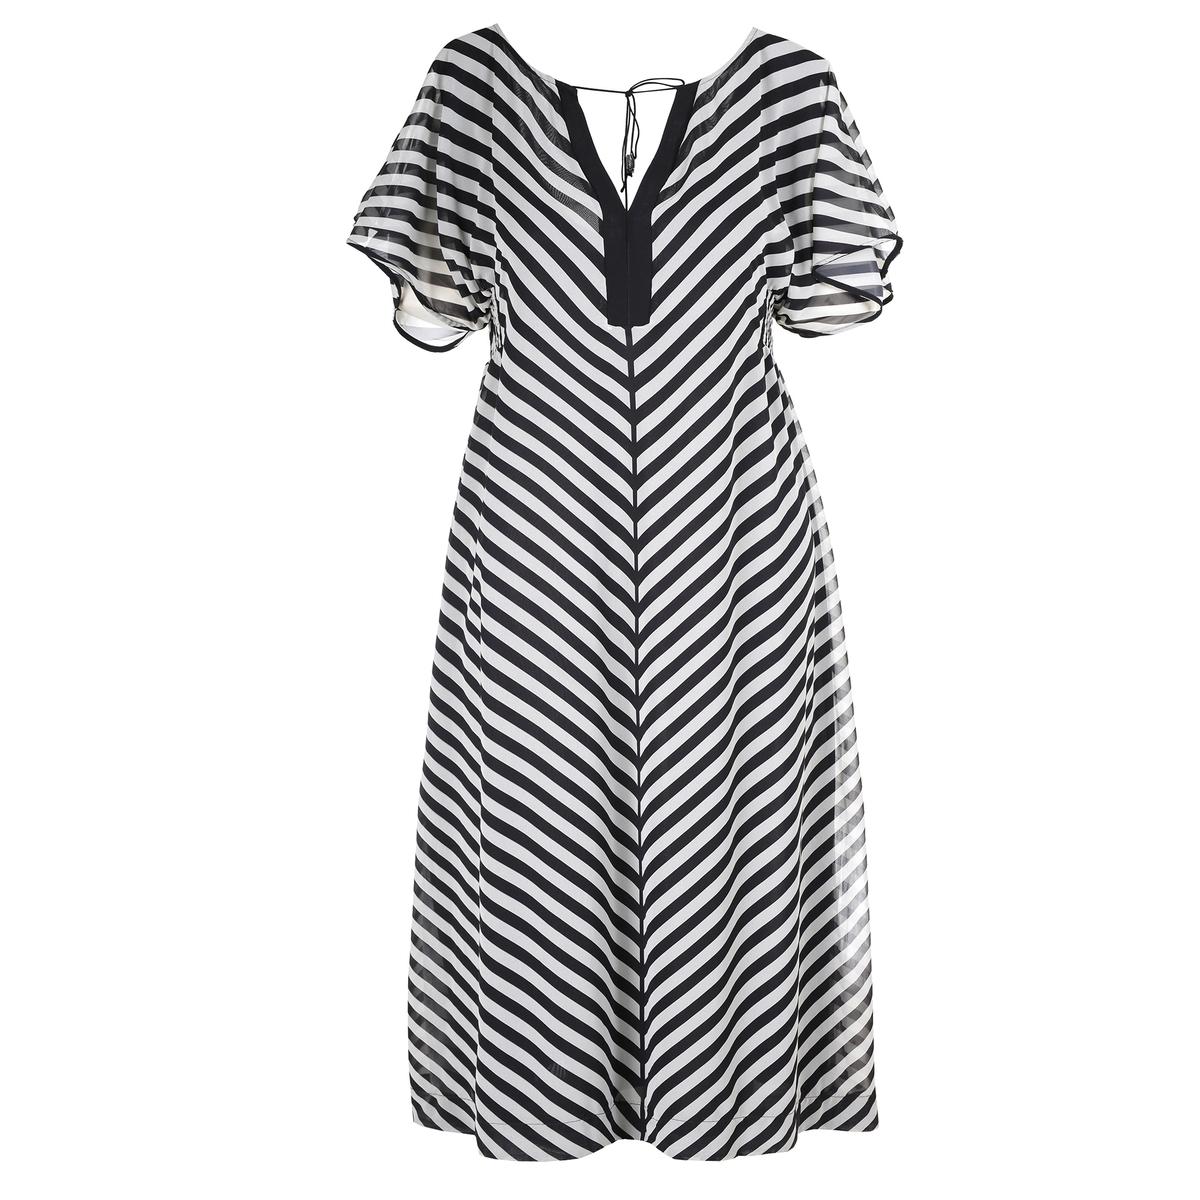 Платье<br><br>Цвет: набивной рисунок<br>Размер: 52/54 (FR) - 58/60 (RUS).48/50 (FR) - 54/56 (RUS).44/46 (FR) - 50/52 (RUS)